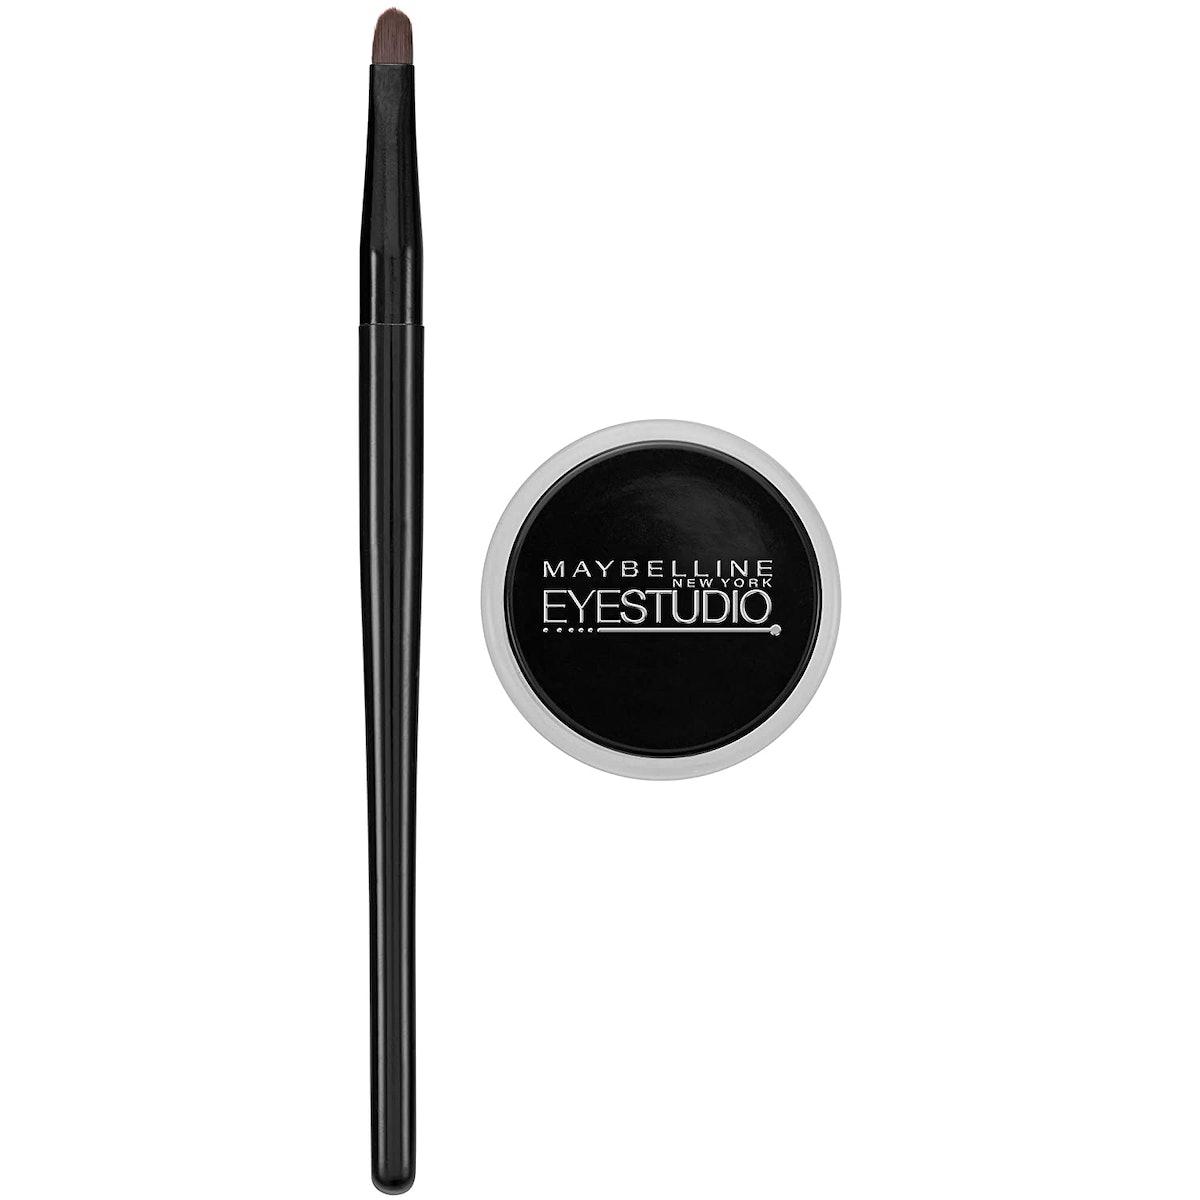 Maybelline New York Makeup Eyestudio Lasting Drama Gel Eye Liner